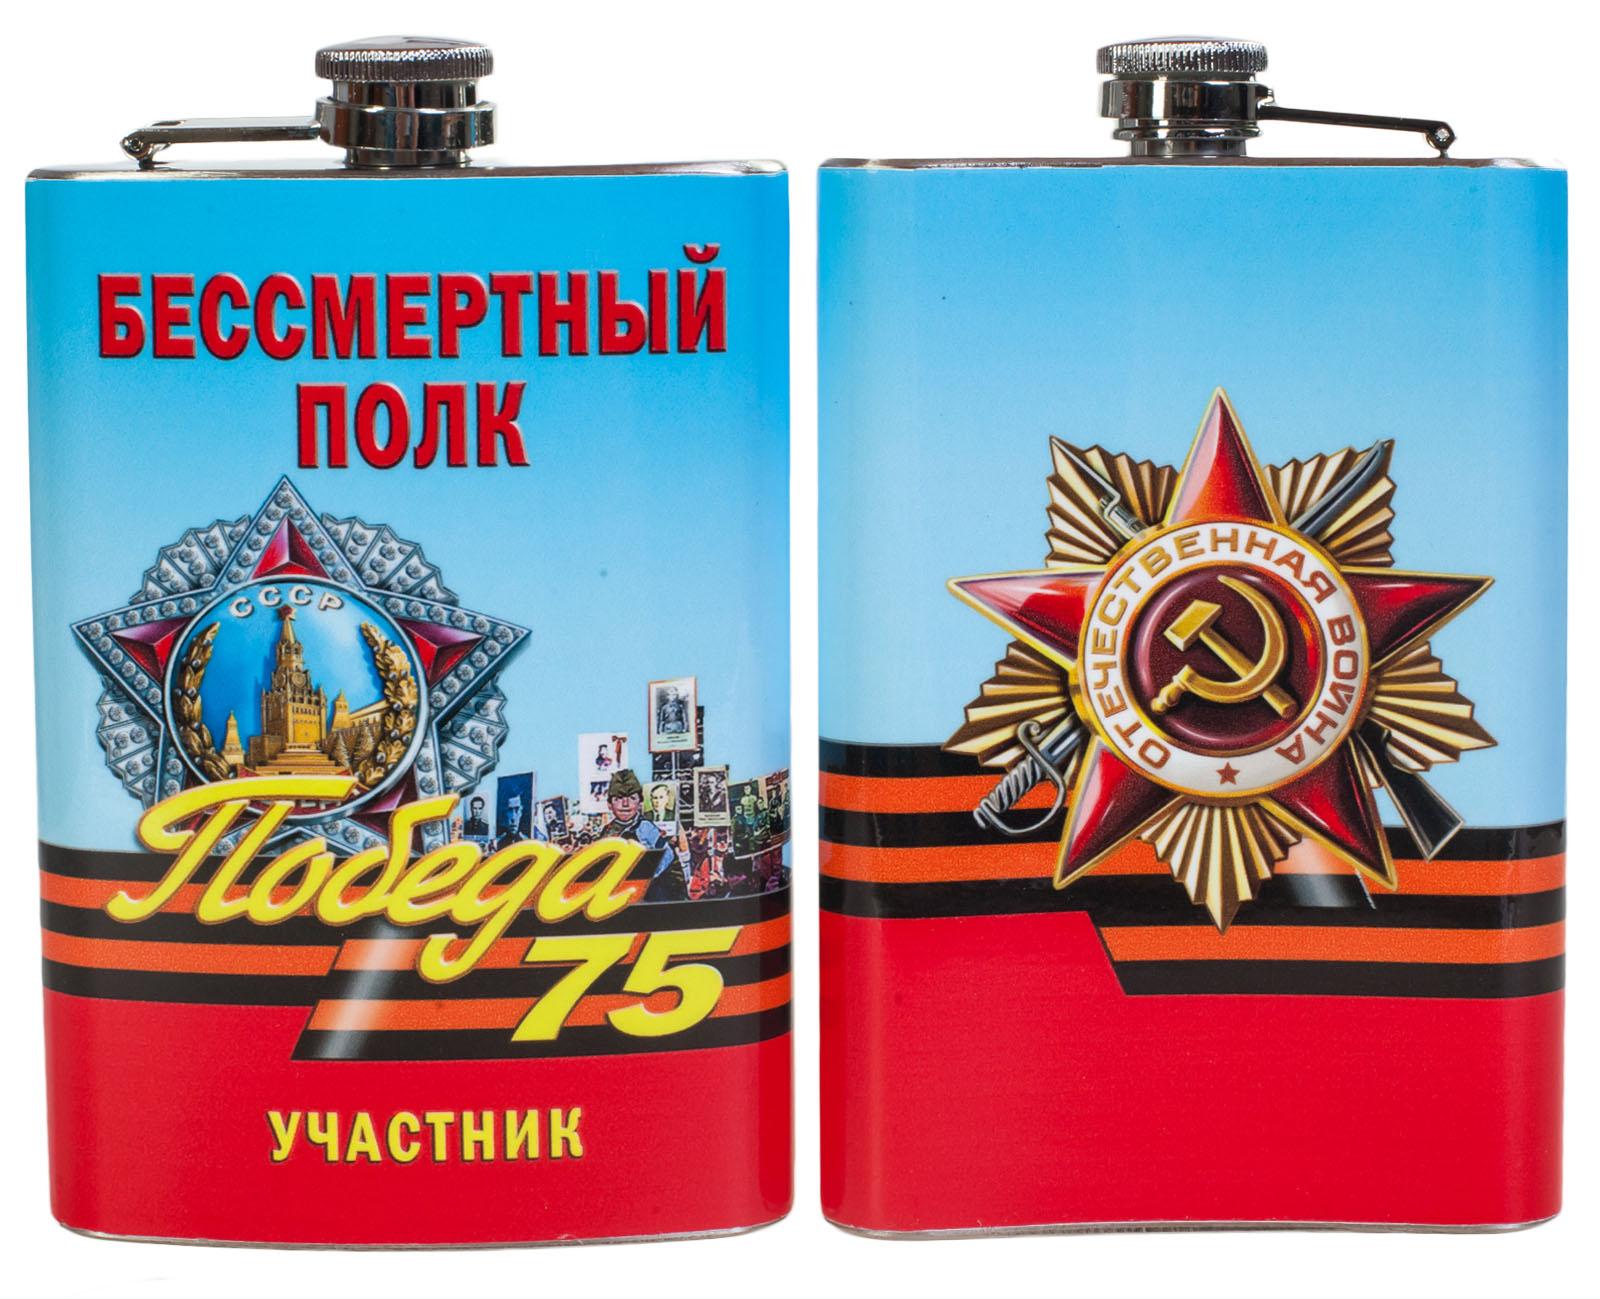 """Памятная фляжка """"Бессмертный полк"""" к 75-летию Победы"""